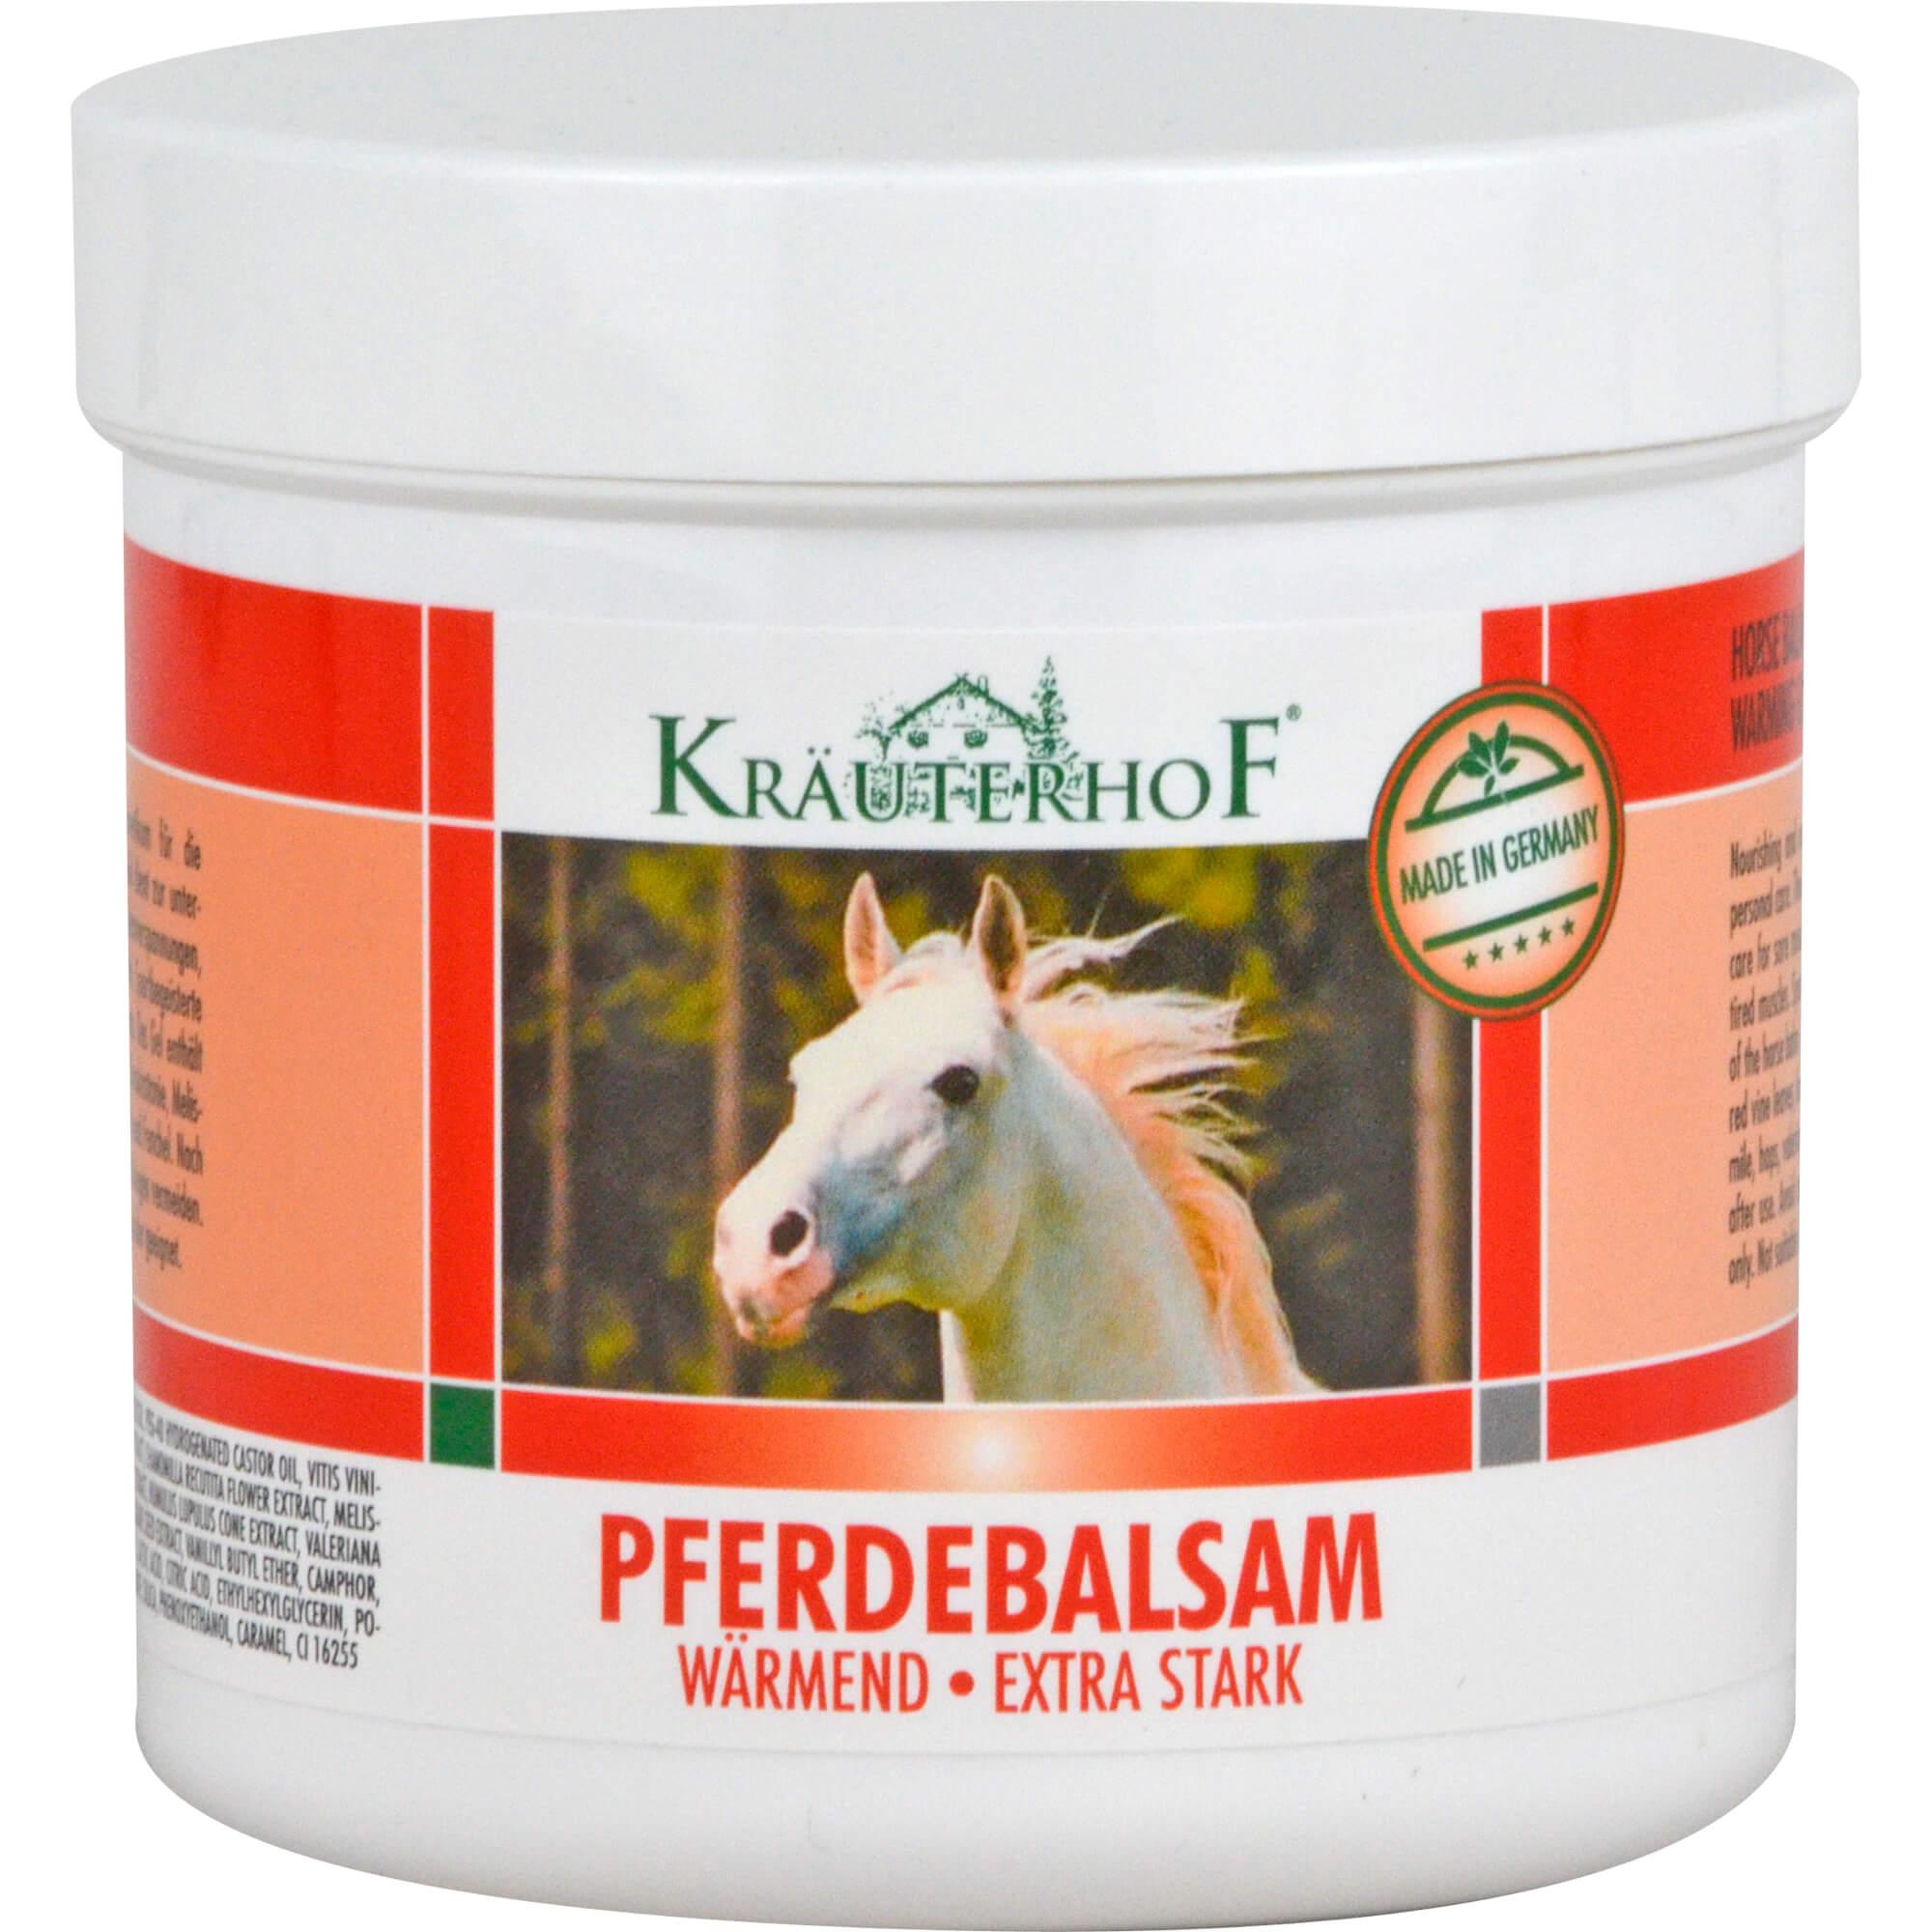 PFERDEBALSAM WAERM KR HOF